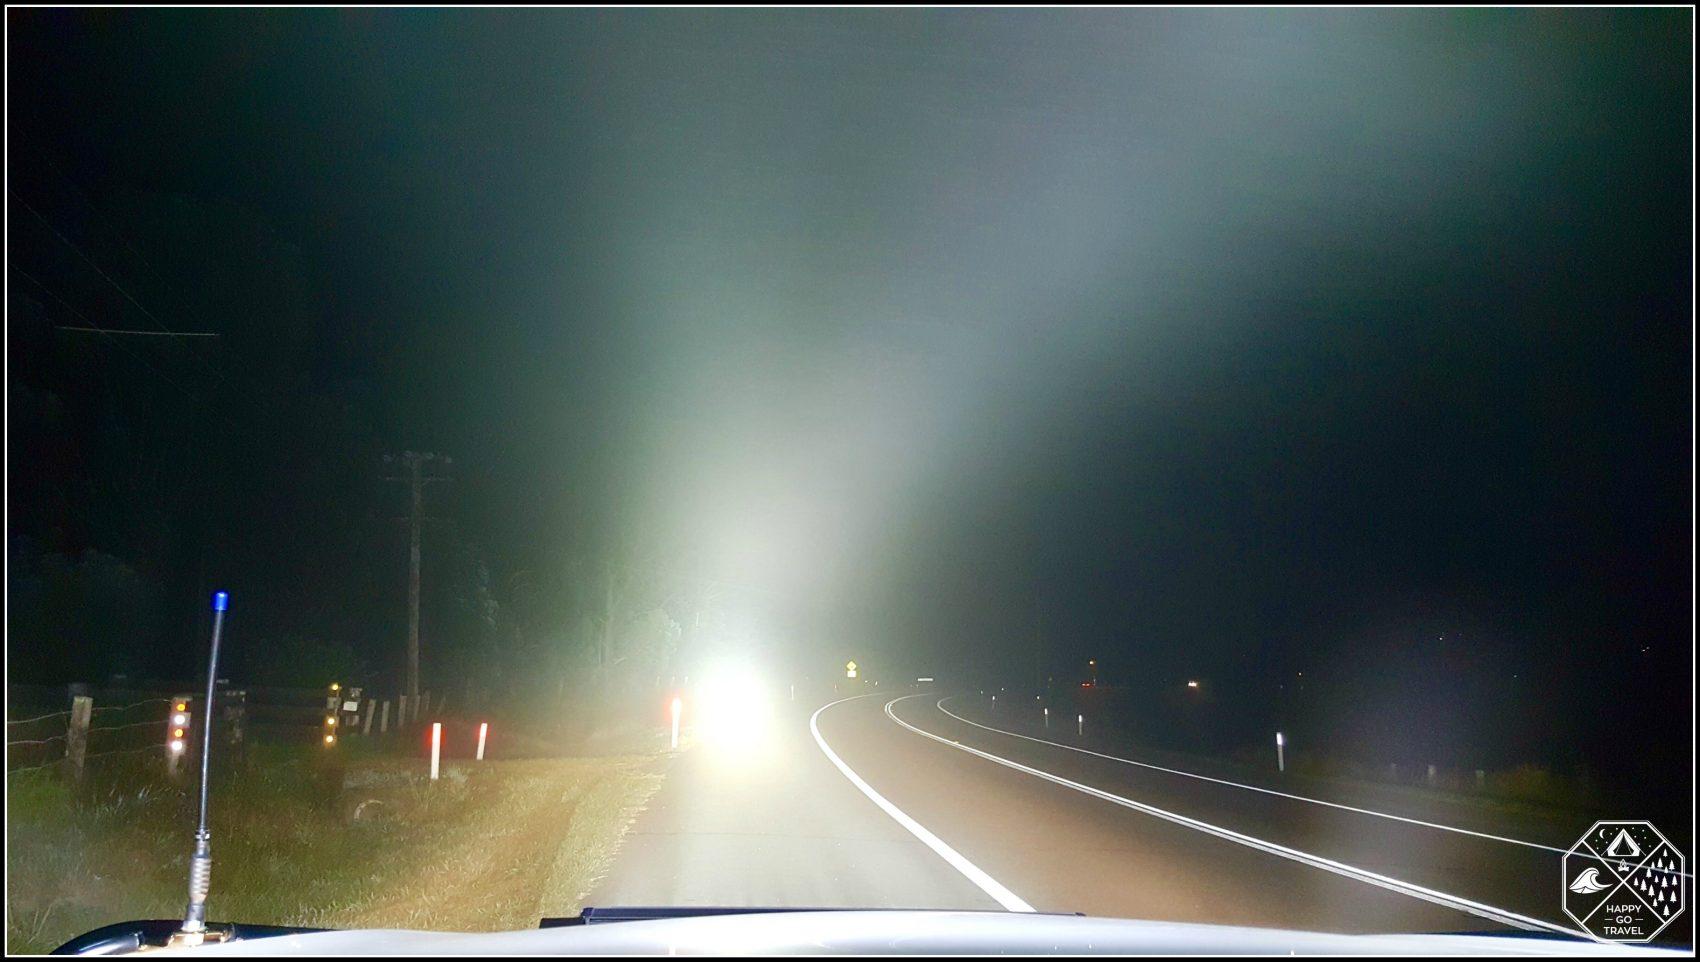 Toyota Fortuner Lighting up fog with Stedi led light bars